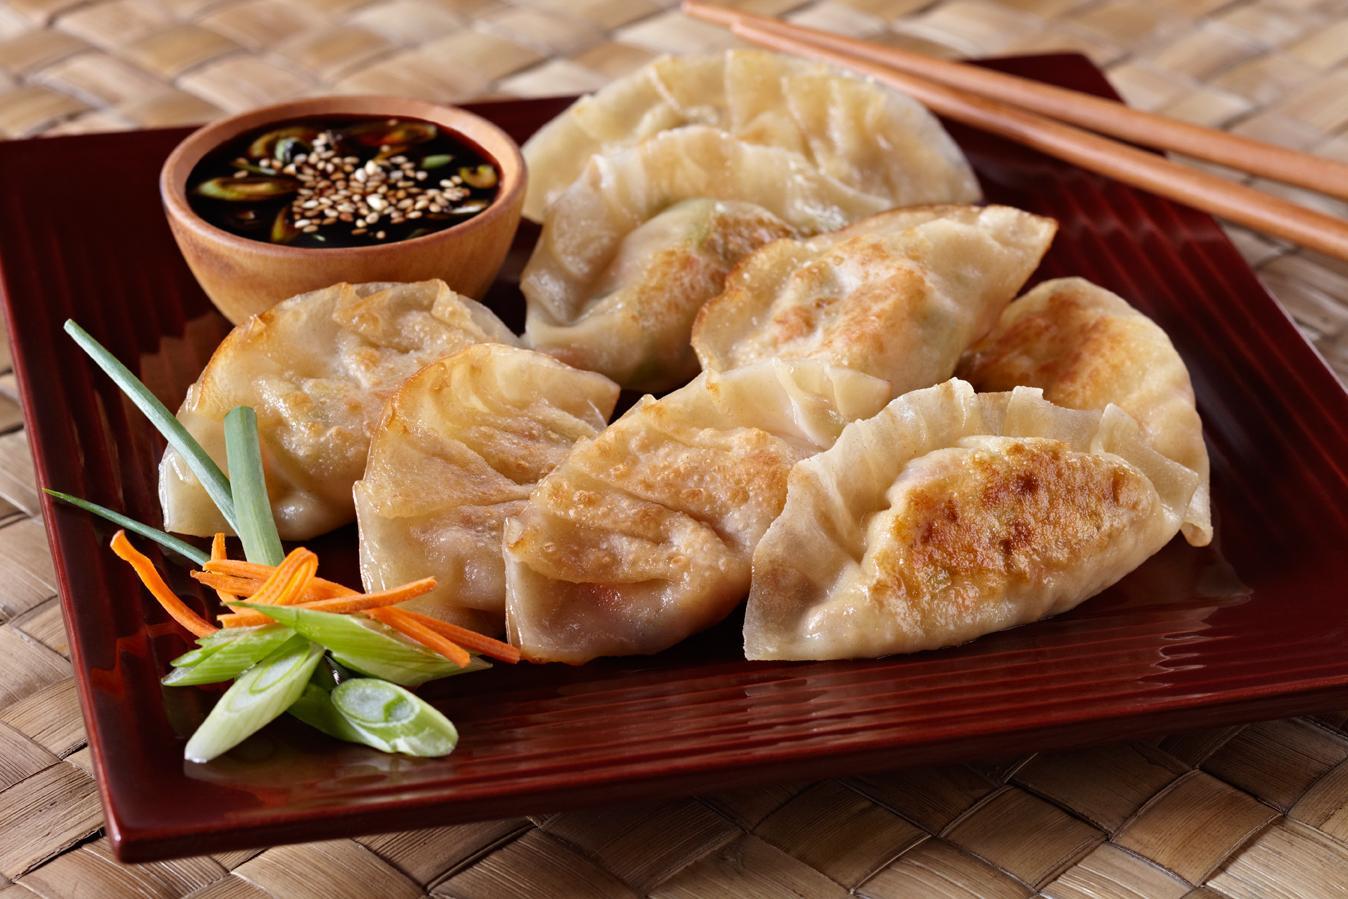 dumpling with gyoza sauce